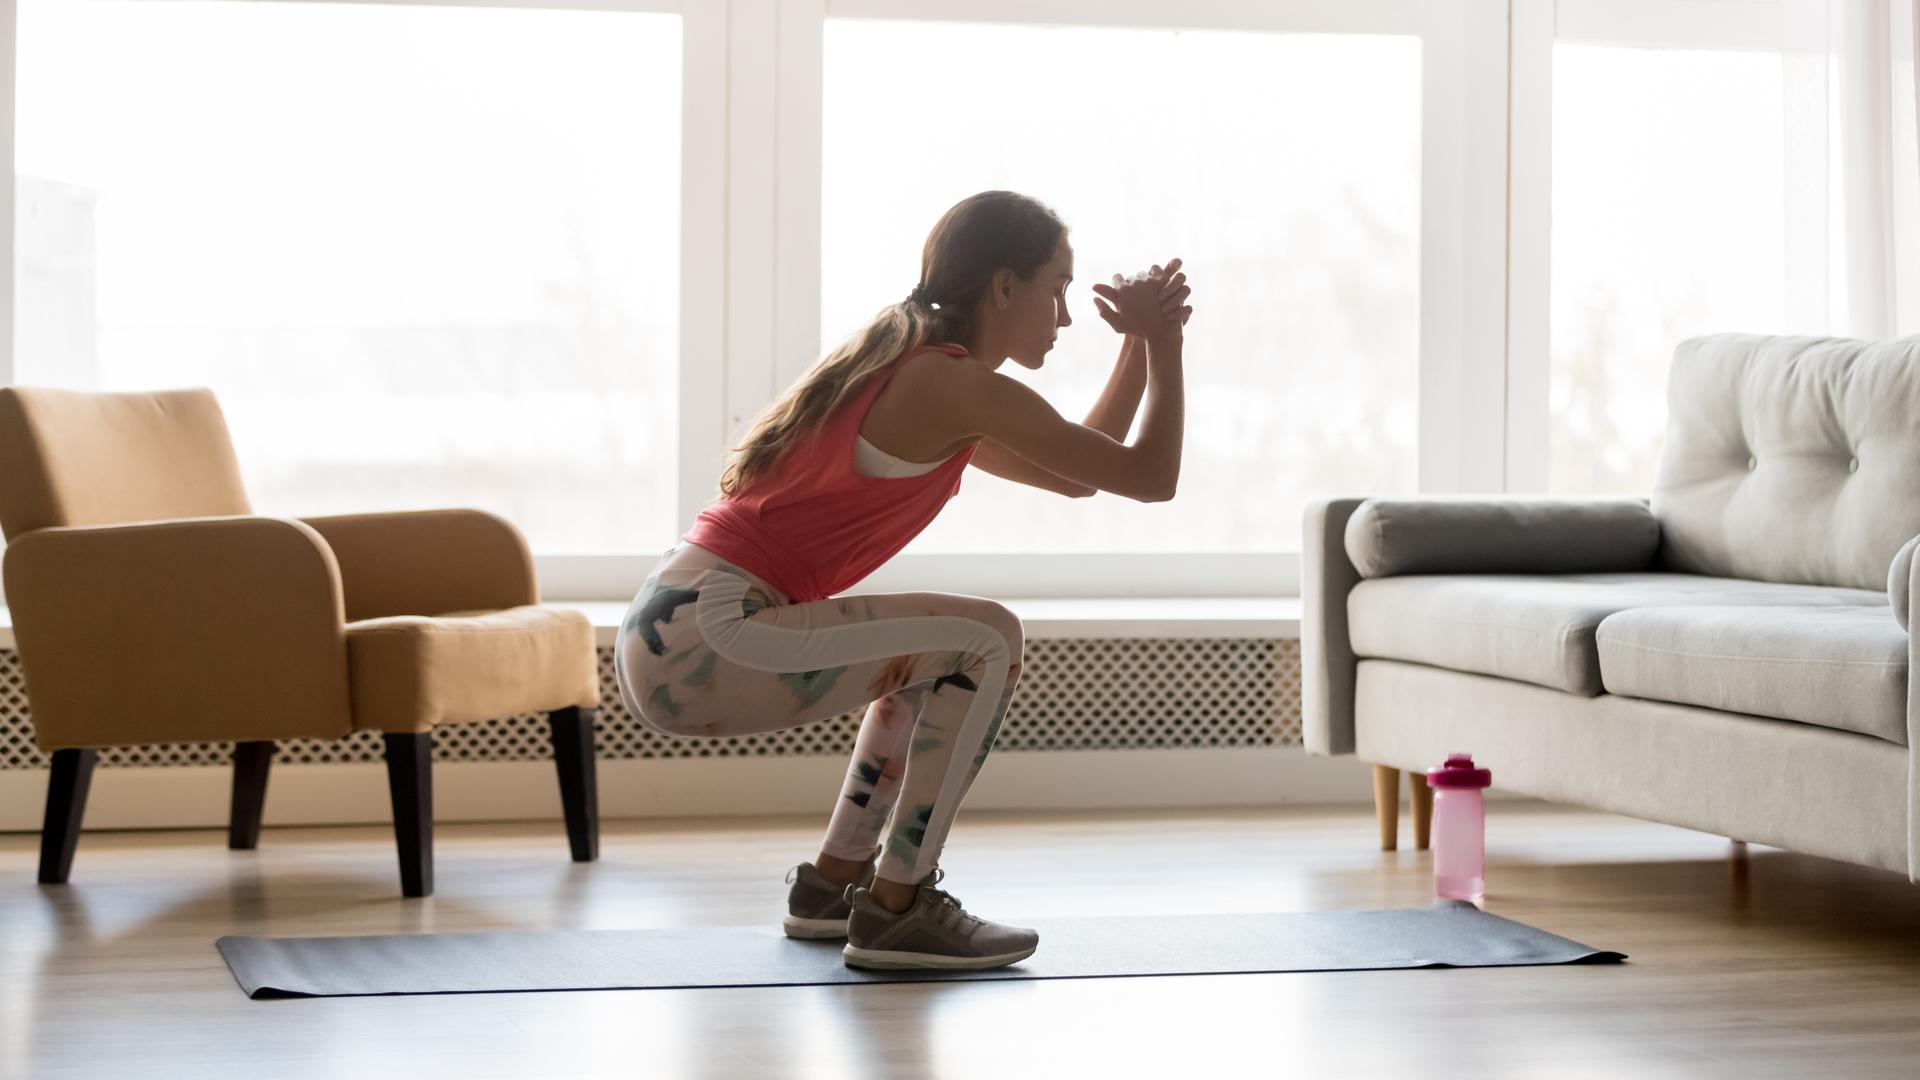 Realiza estos 5 ejercicios al levantarte para tener más energía en el día